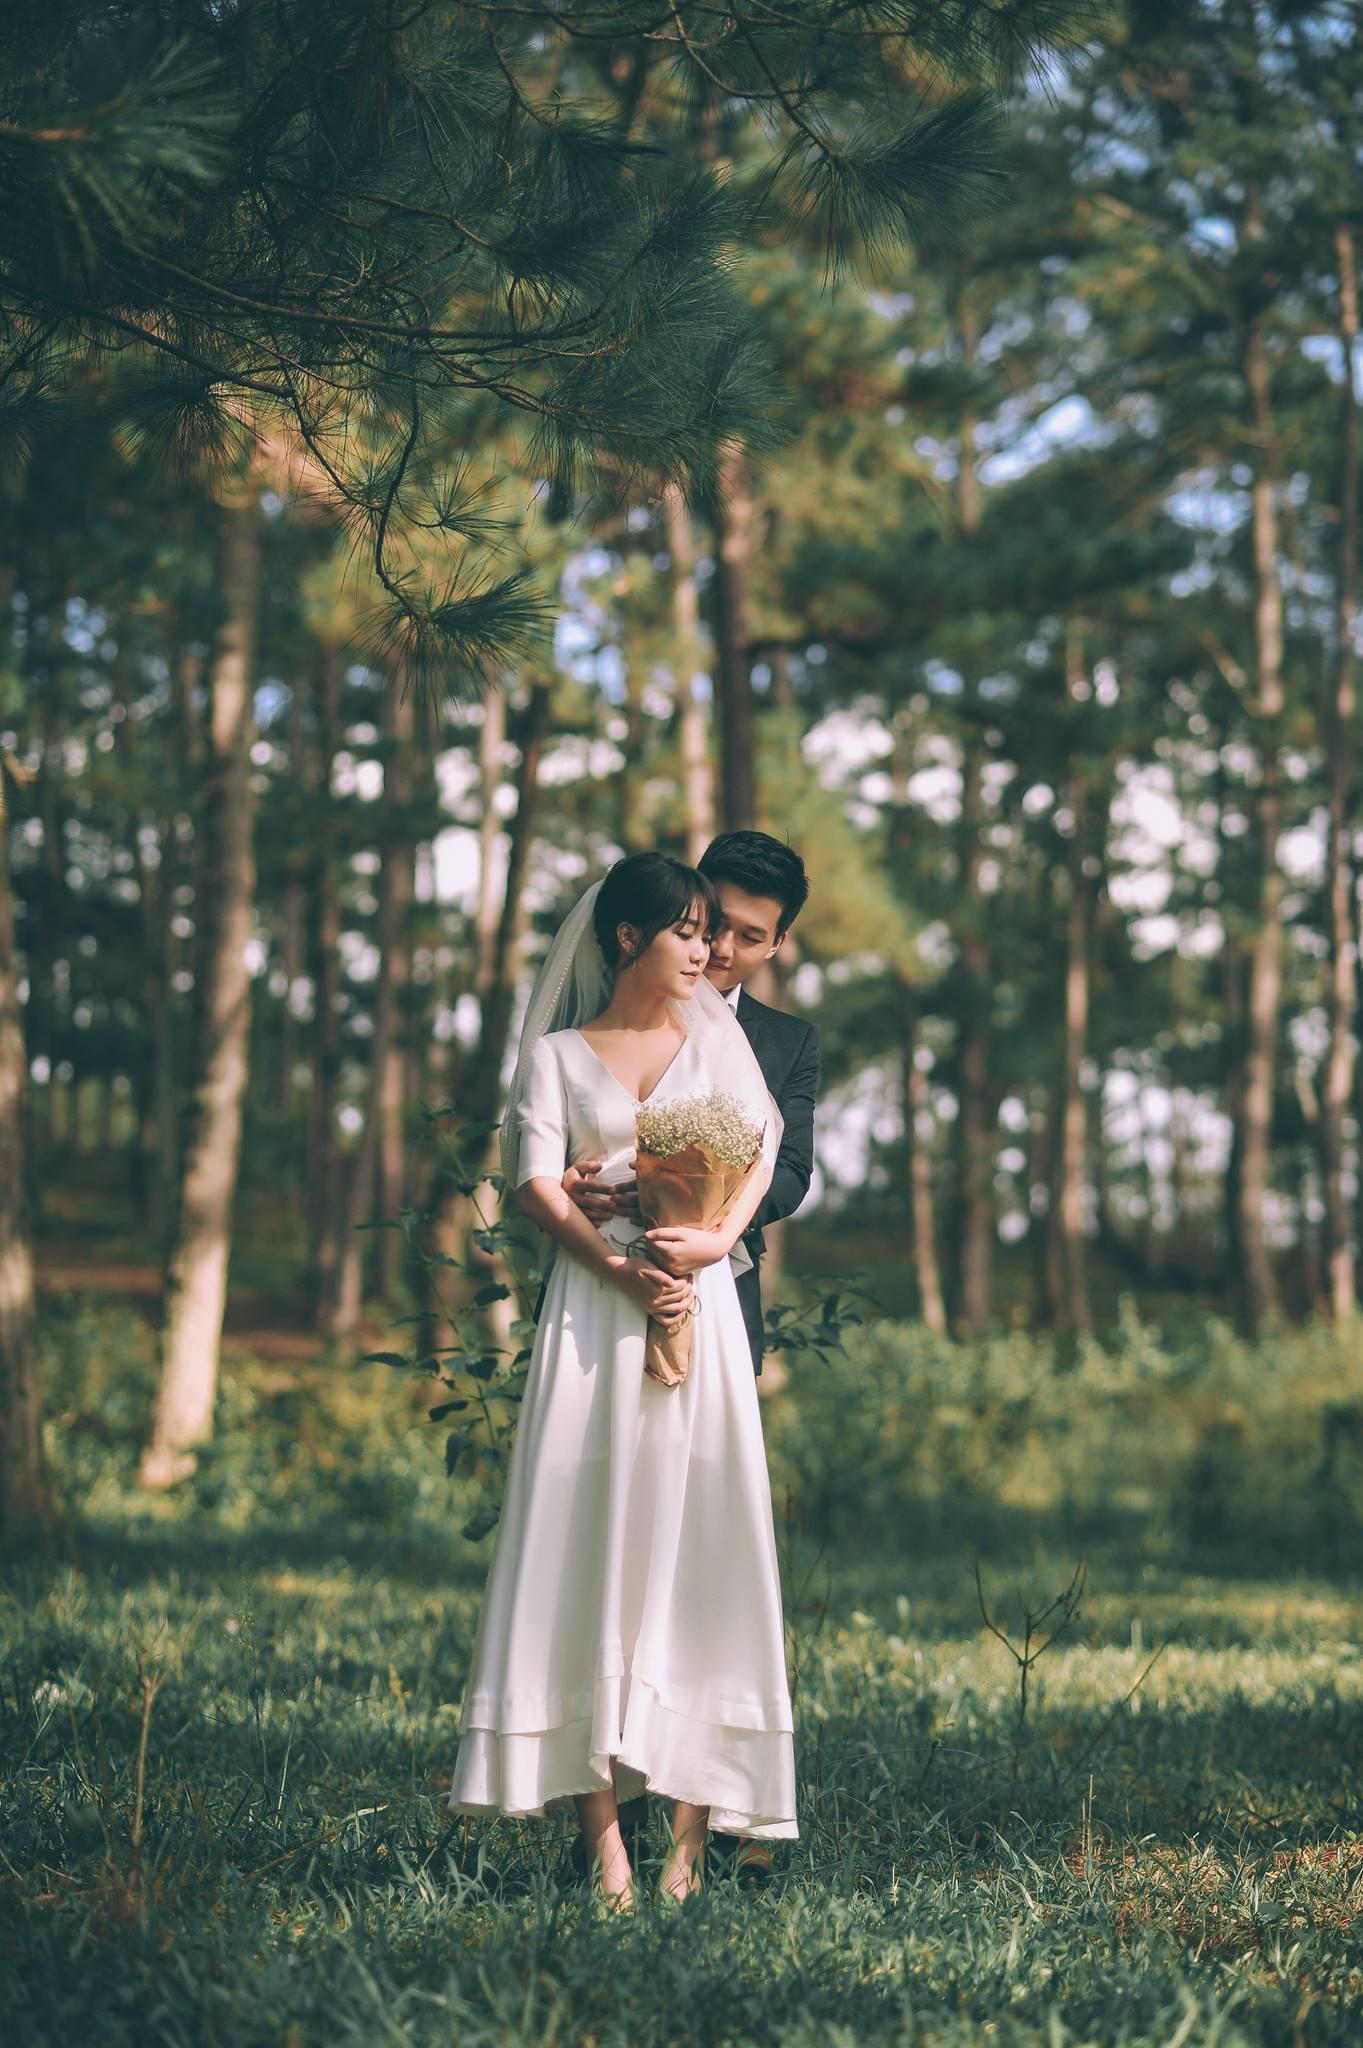 Trọn bộ ảnh cưới giản dị nhưng ngập tràn hạnh phúc của MC Trần Ngọc và 9x xinh đẹp - Ảnh 7.